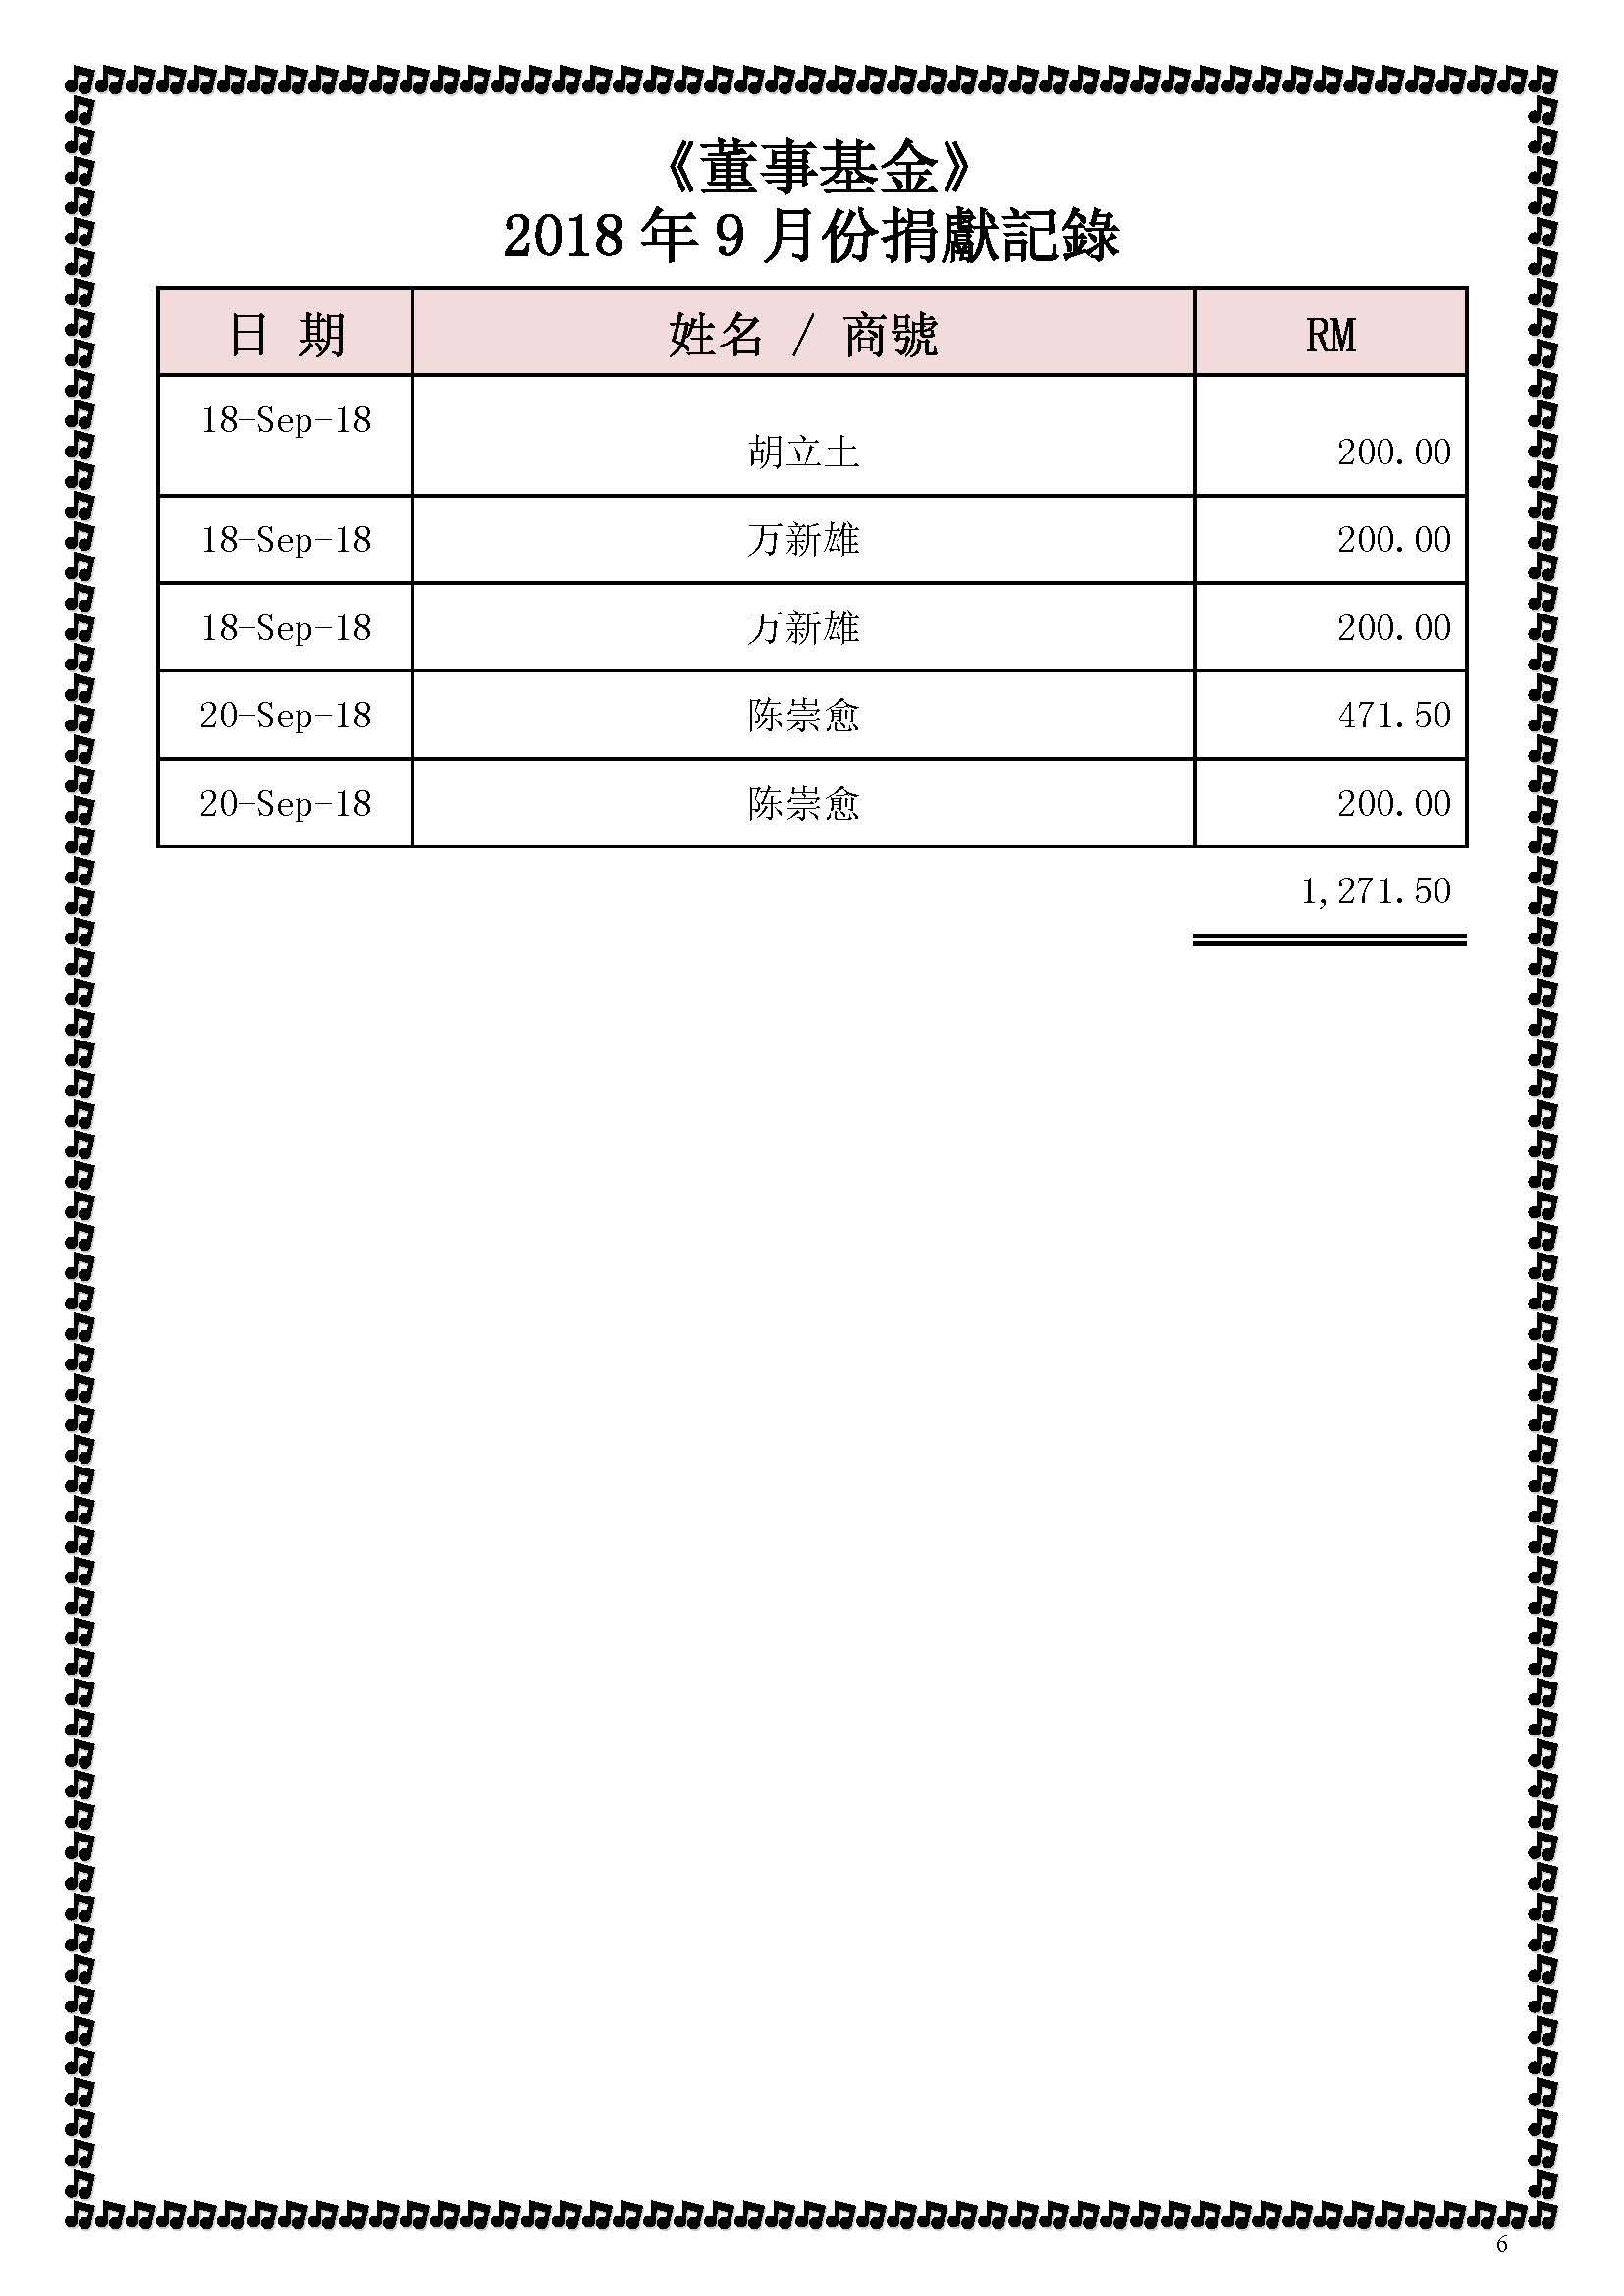 2018年9月份捐獻記錄—修改后_Page_6